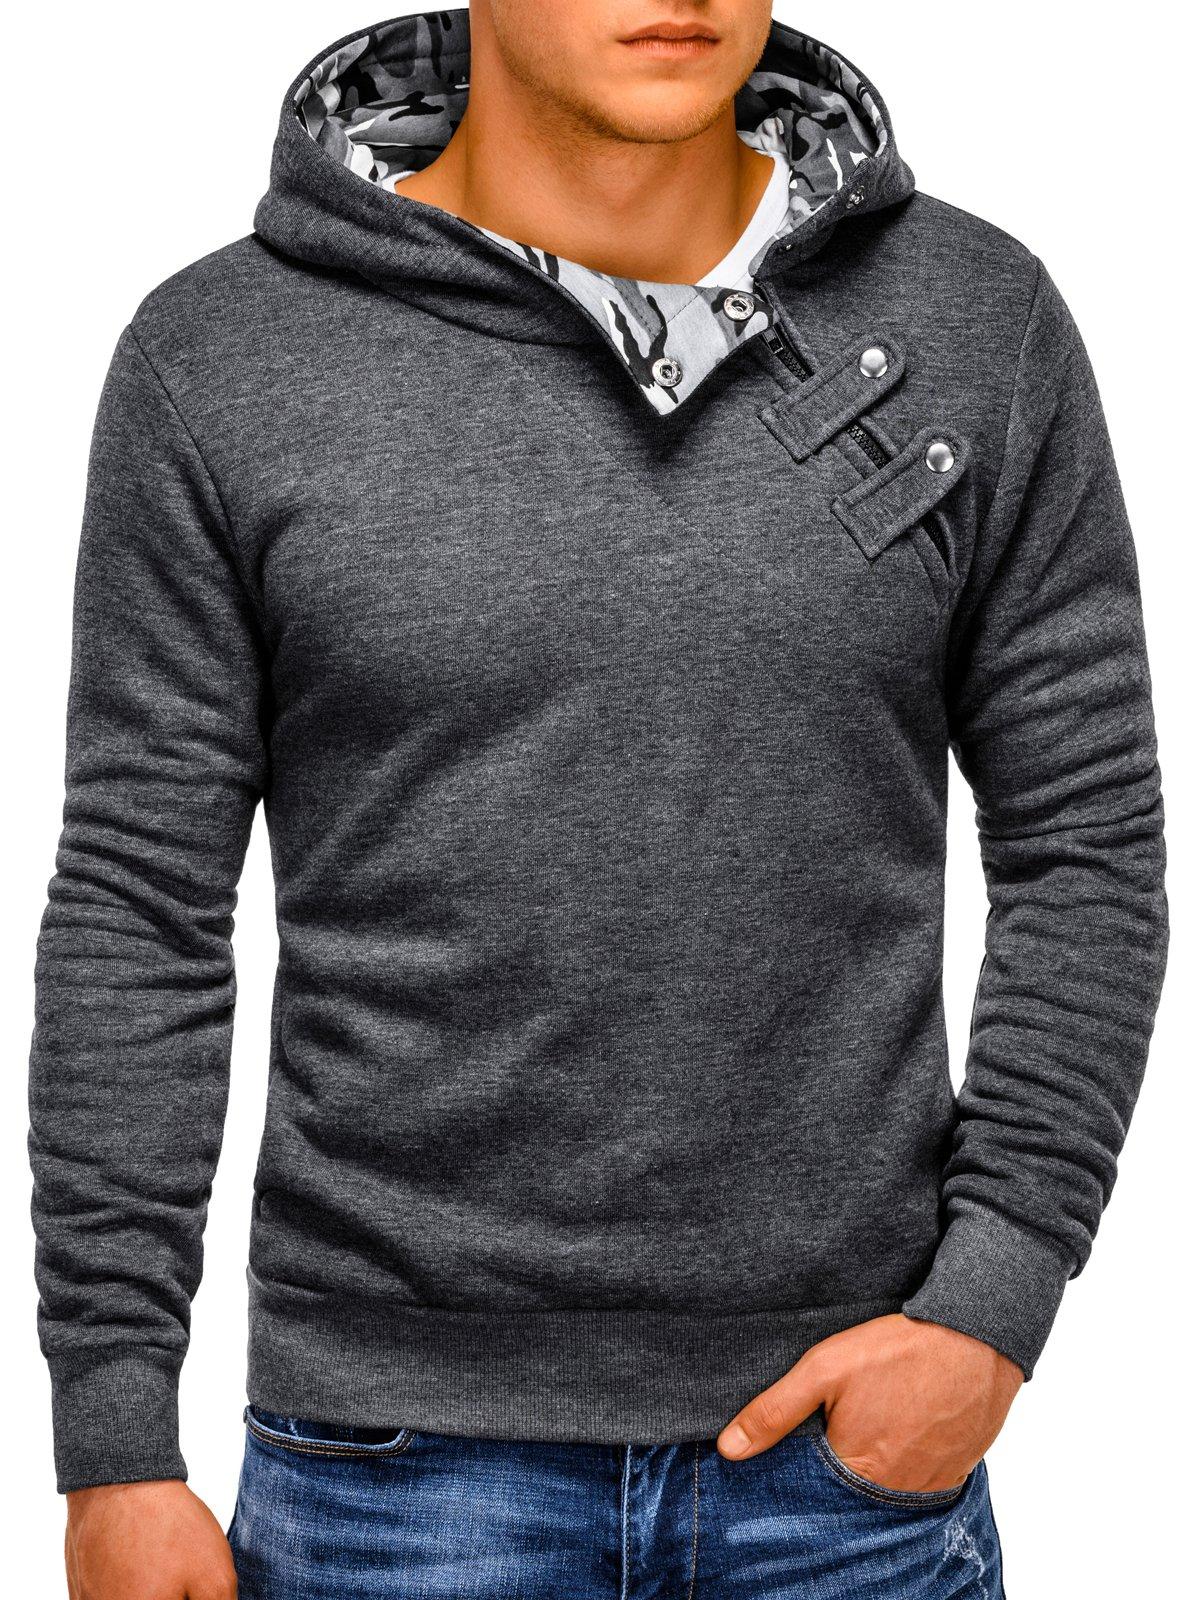 Купить со скидкой Толстовка чоловіча з капюшоном PACO - темно-сіра/камуфляж